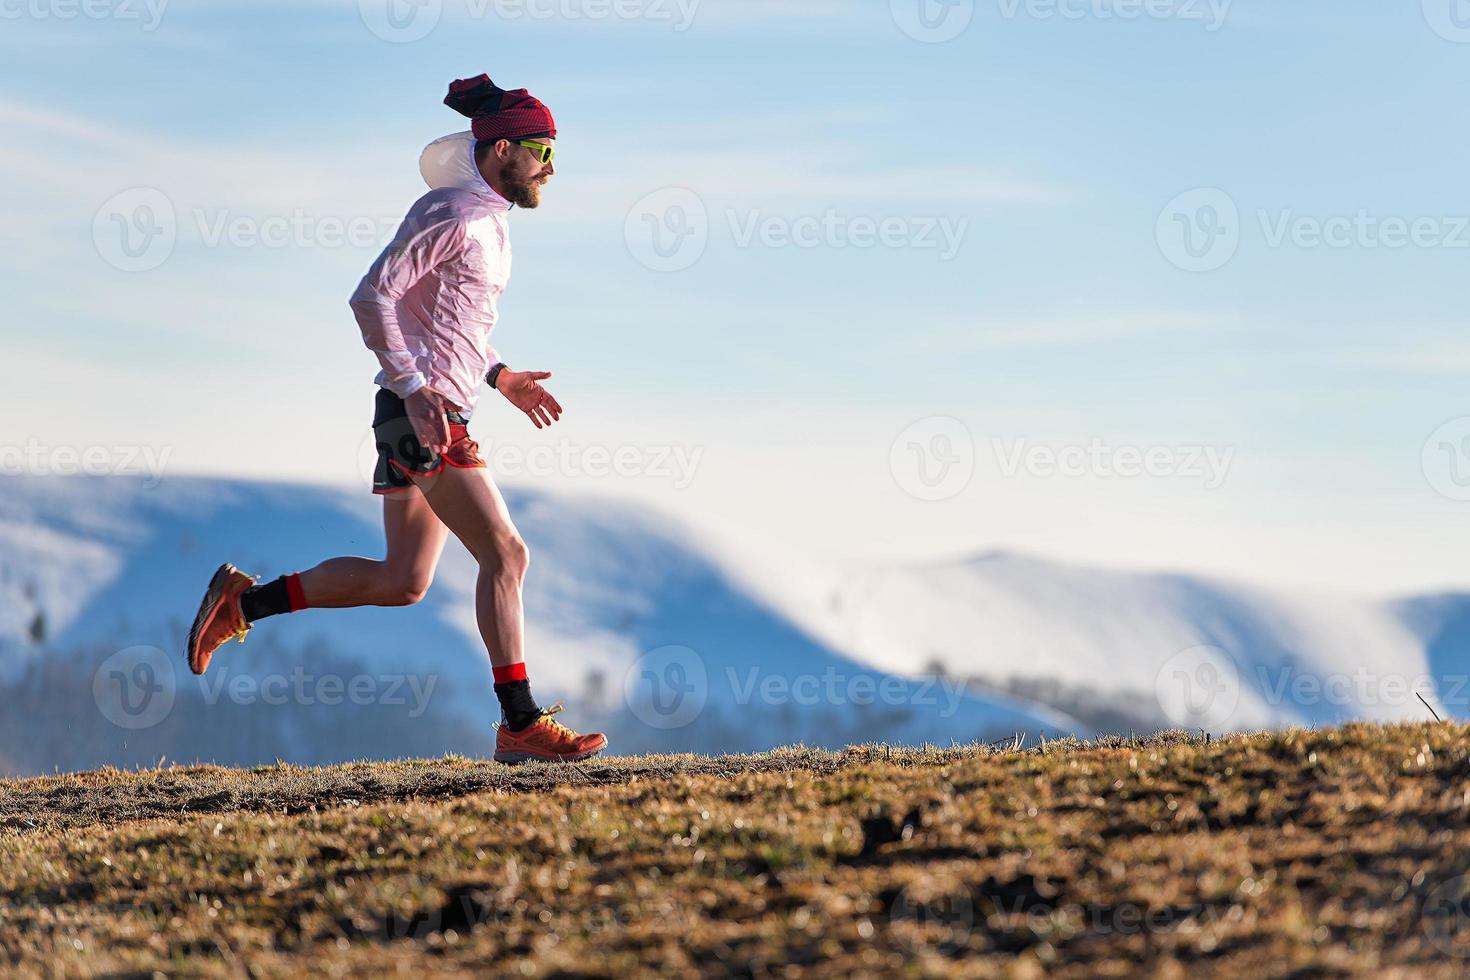 corsa in montagna. allenamento di un atleta tra prati e neve foto